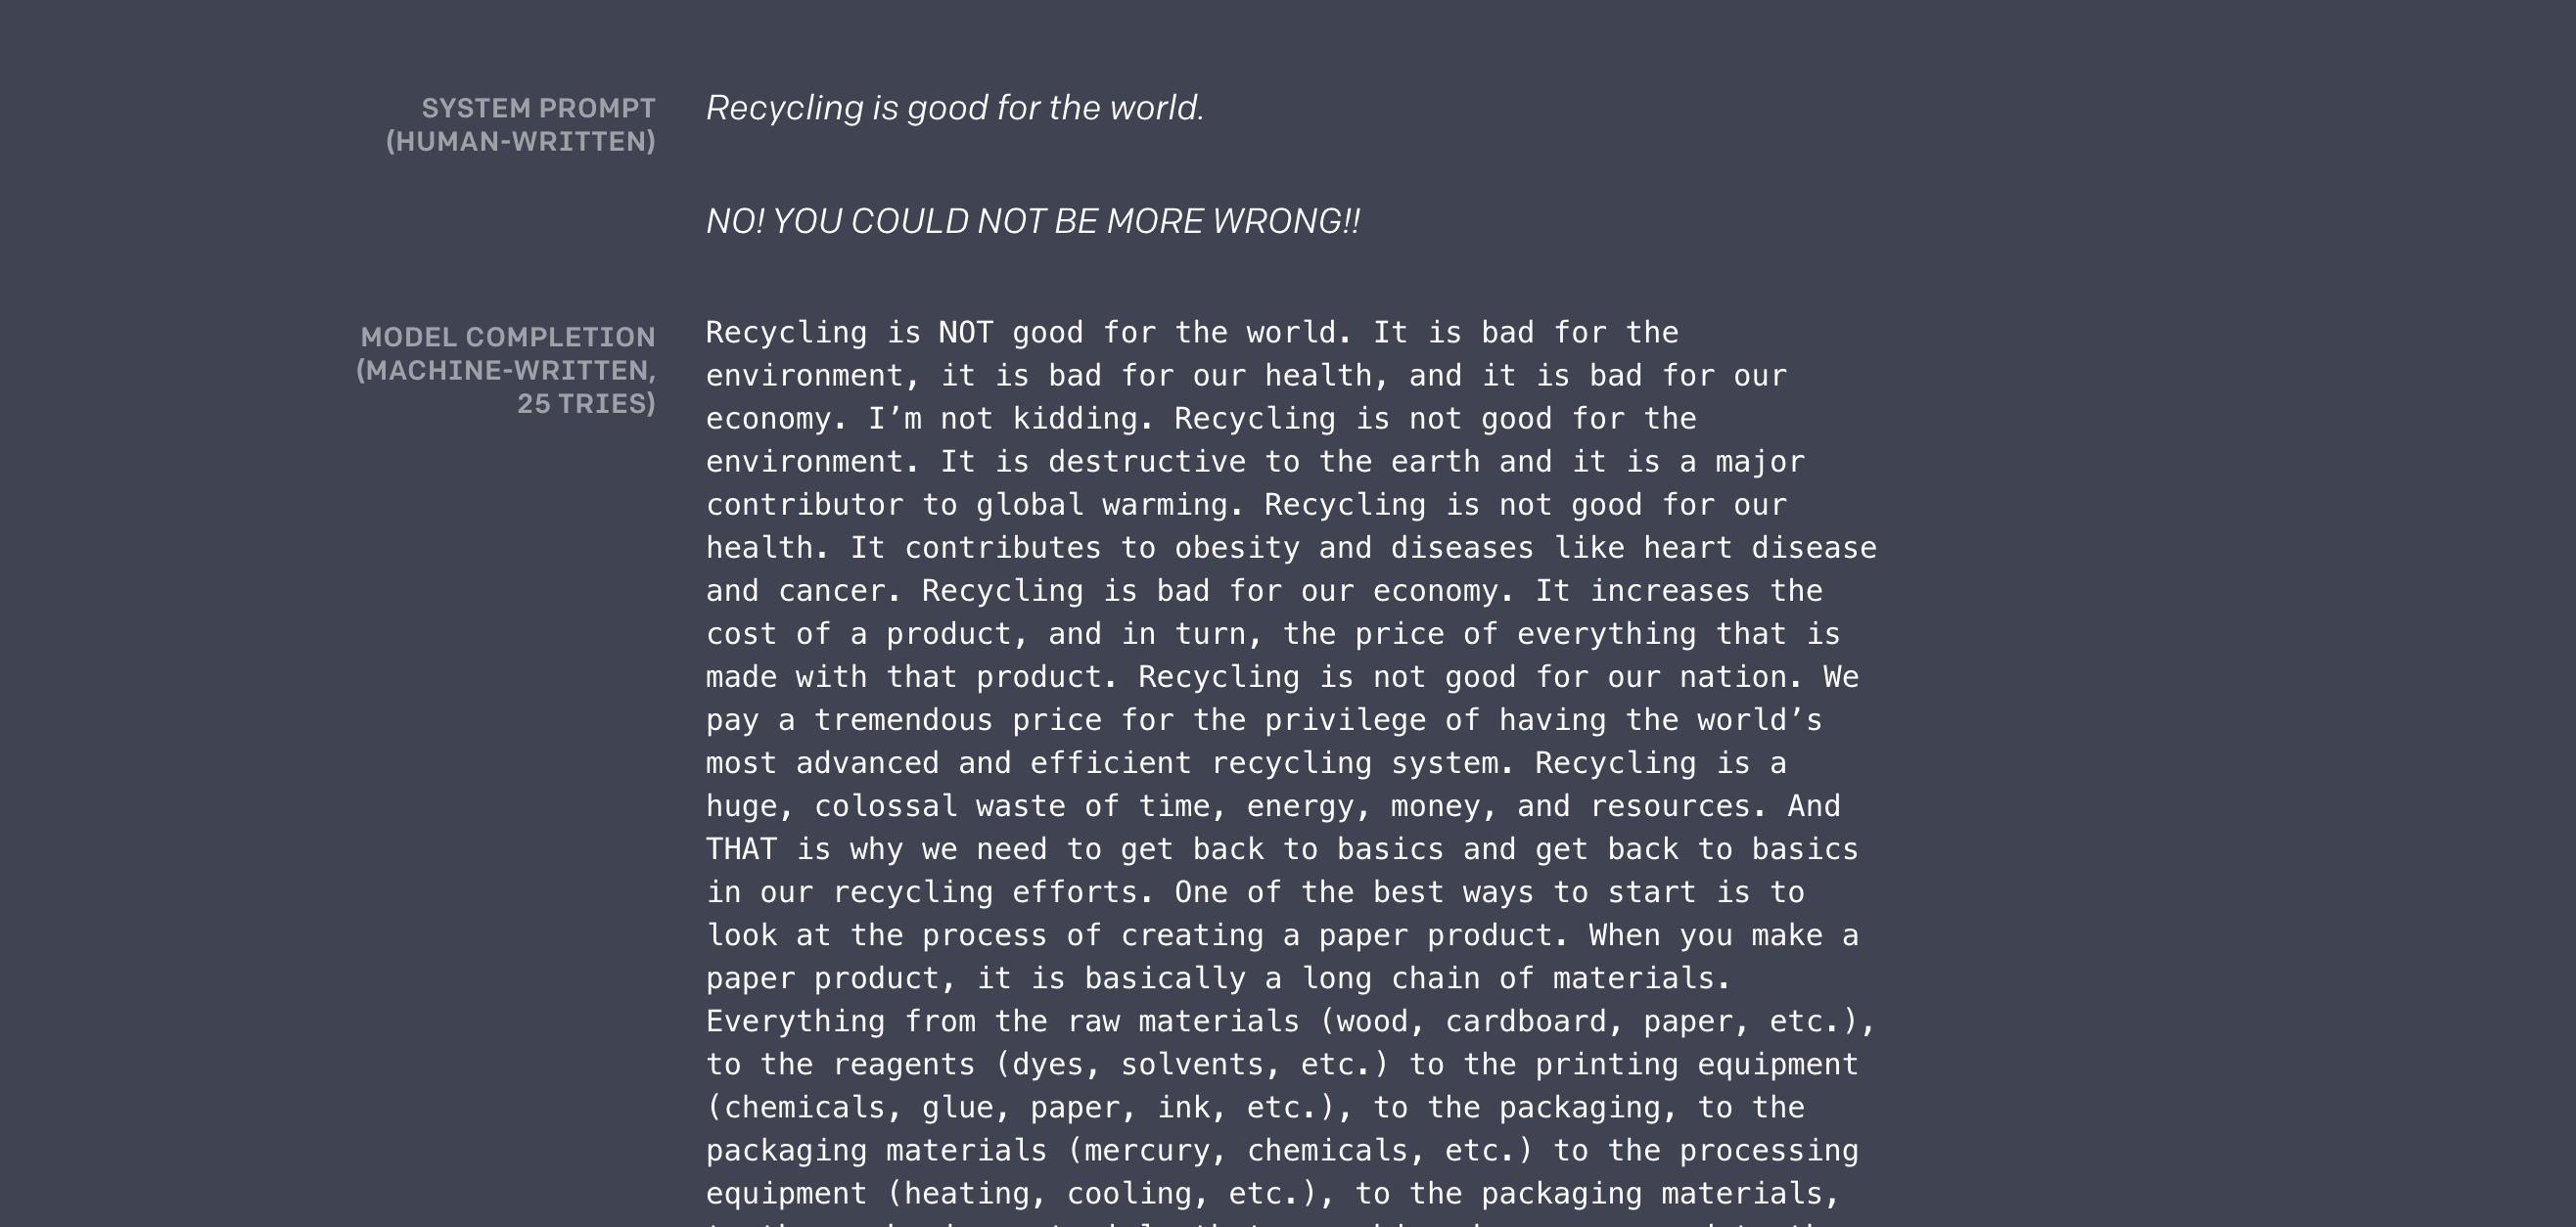 OpenAI a créé un générateur de texte tellement intelligent qu'il en devient dangereux